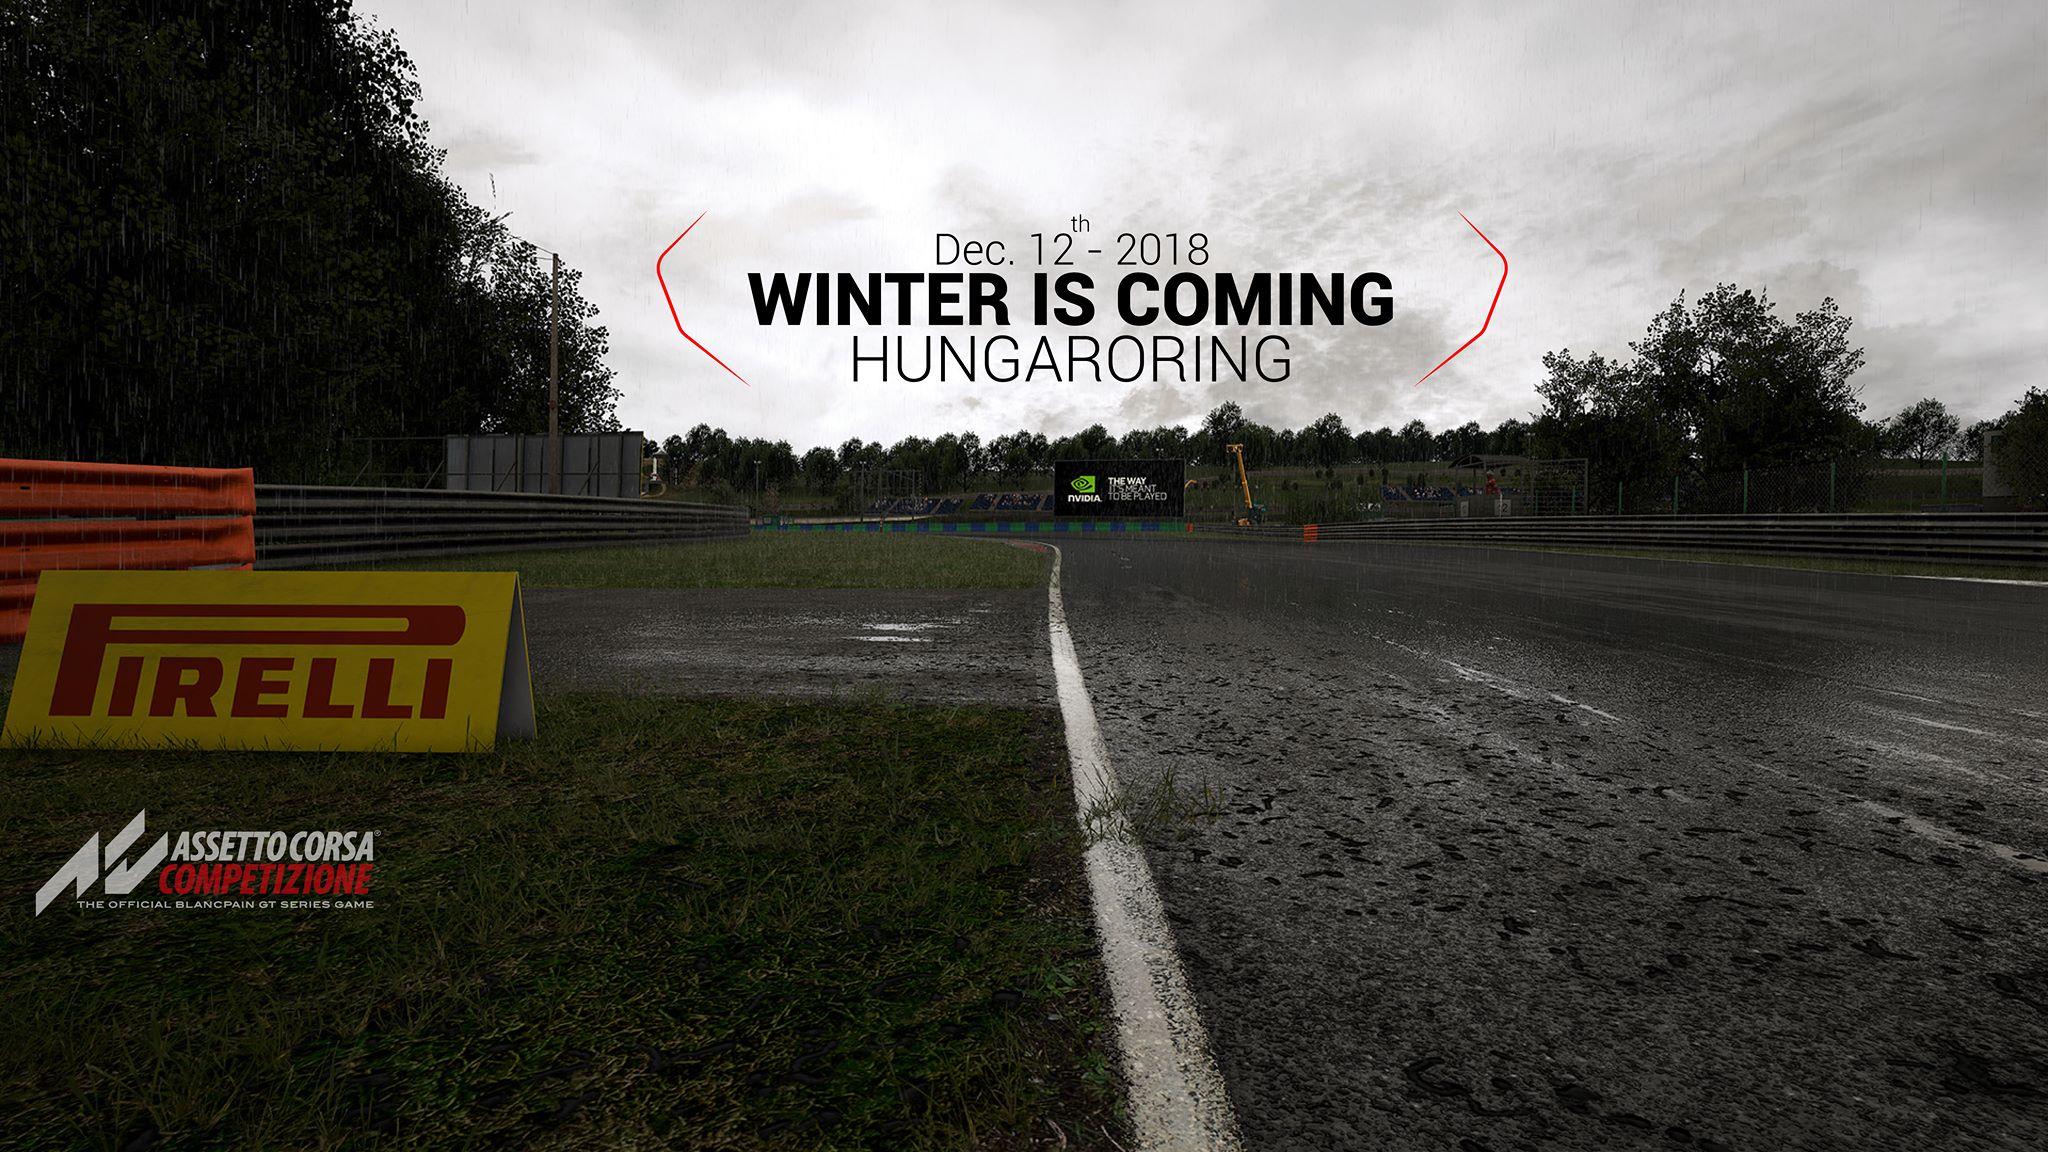 Assetto Corsa Competizione December 12th Hungaroring